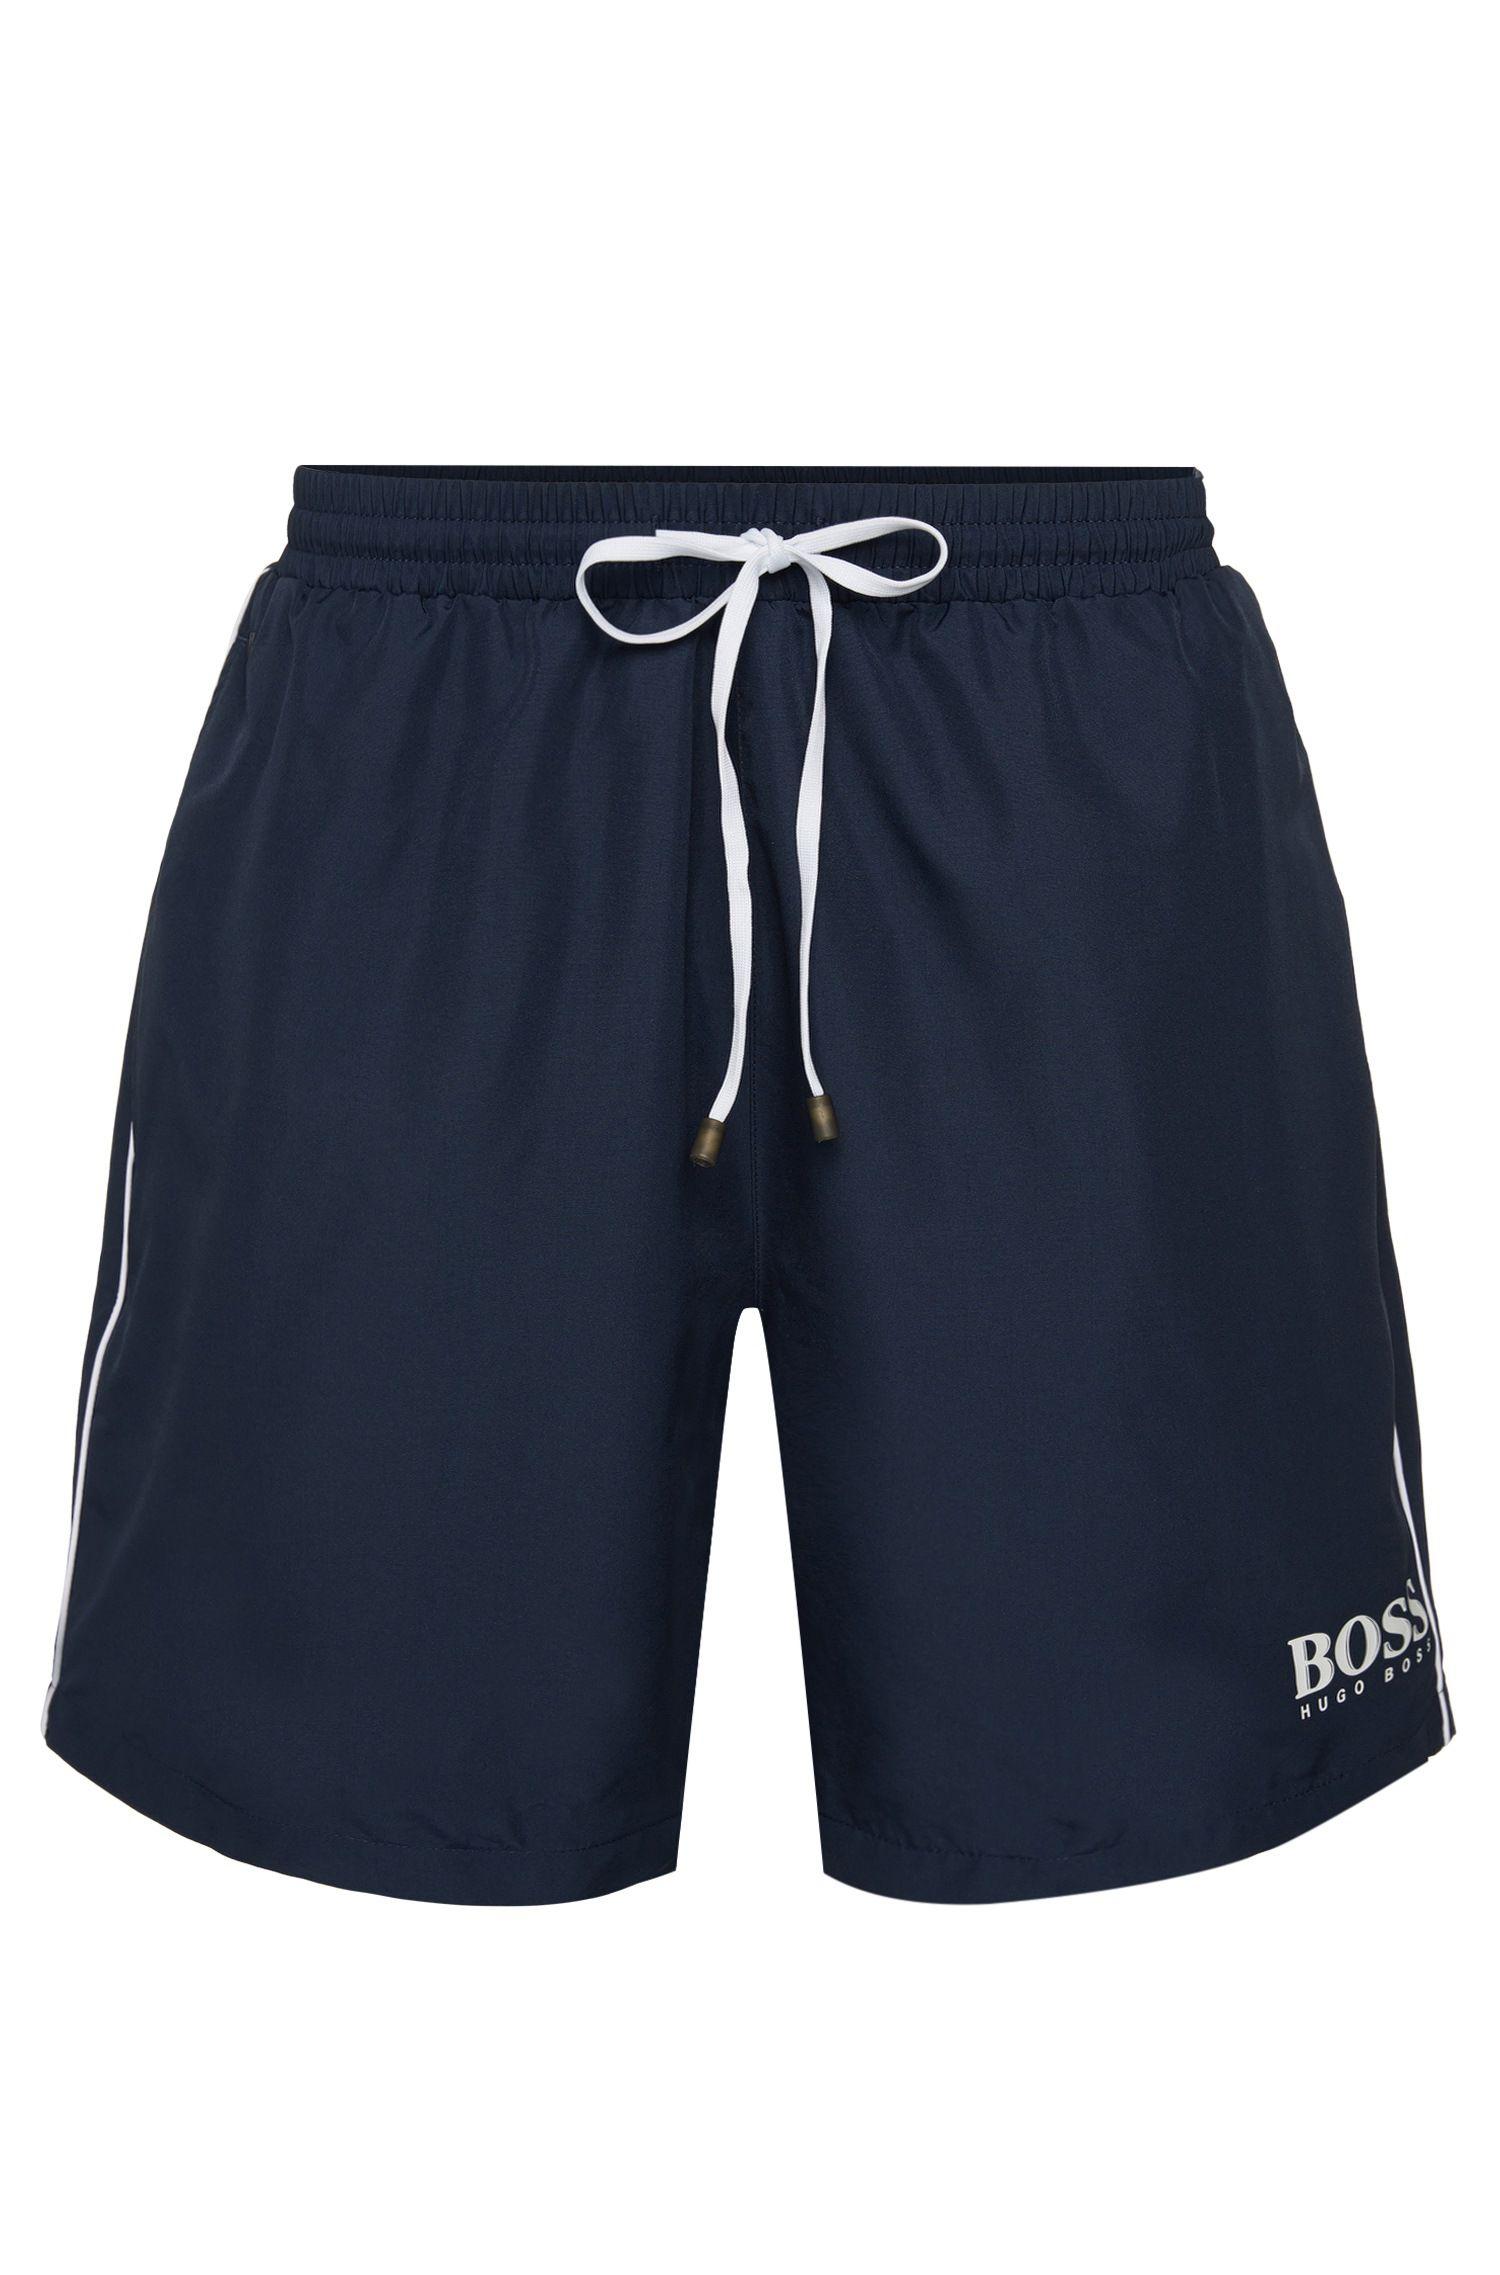 Zwembroek met trekkoord en logodetail van BOSS Menswear